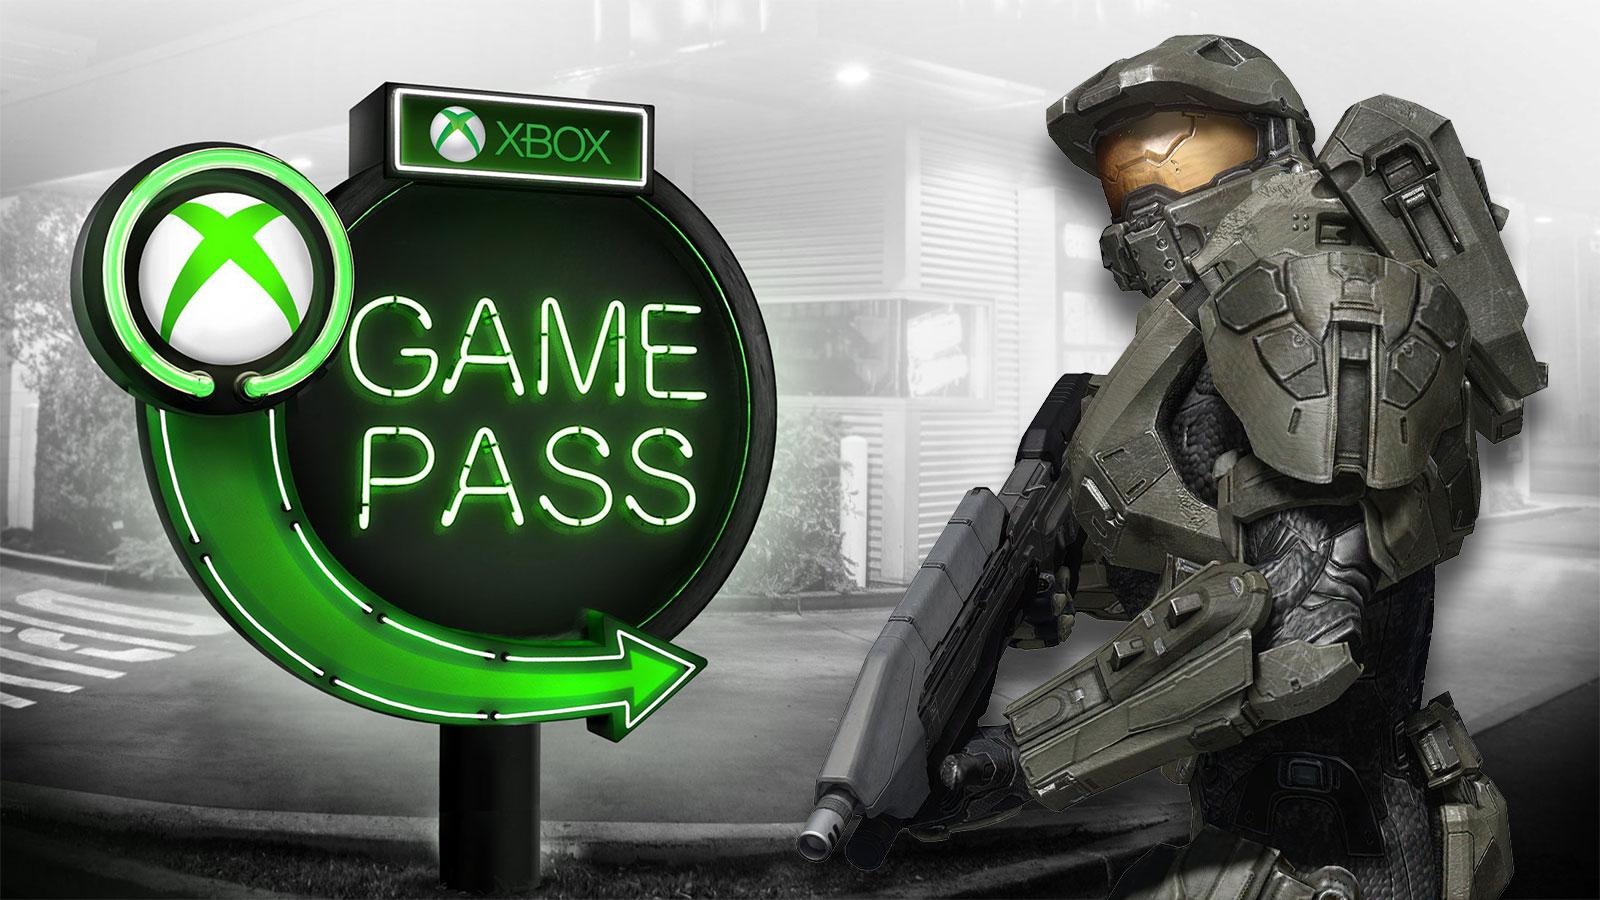 Microsoft tiết lộ có đến 18 triệu người đăng kí sử dụng Xbox Game Pass